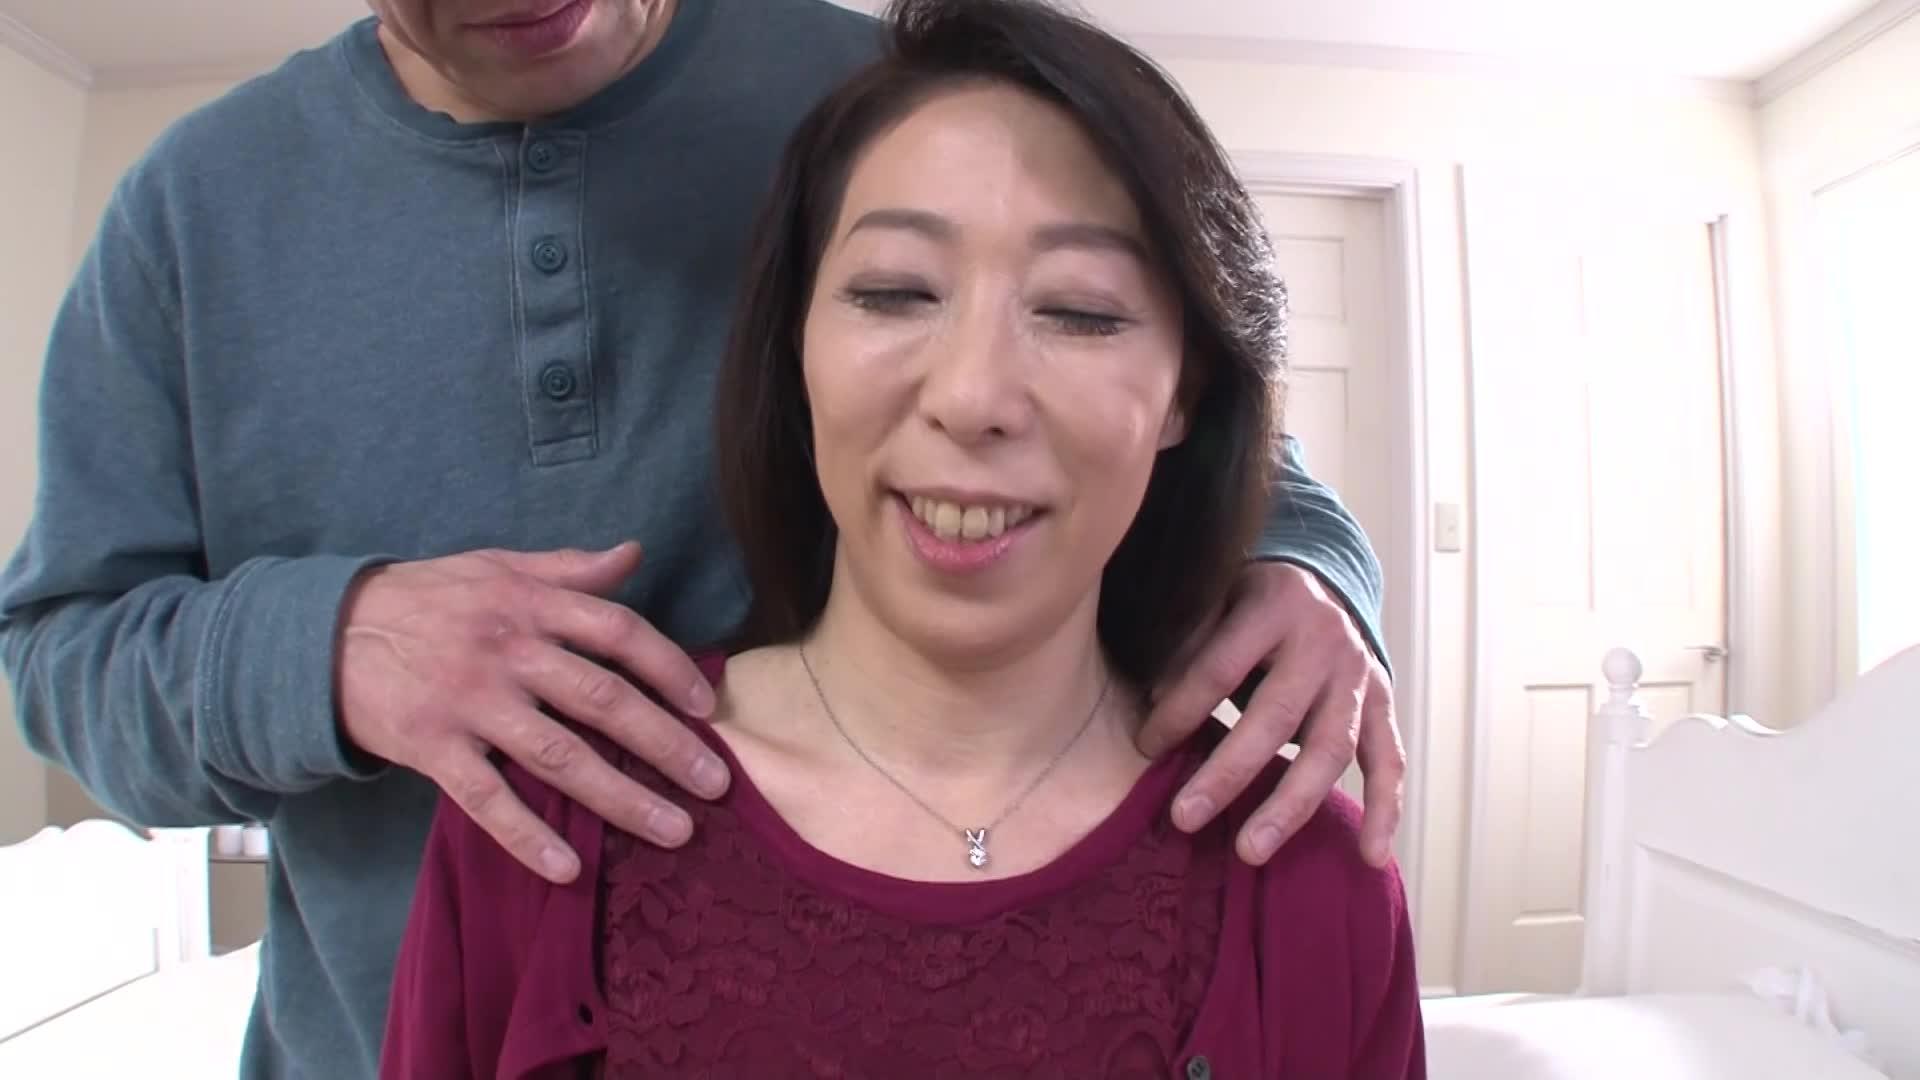 元教師の50代専業主婦が出会い系サイトを利用して浮気セックス!